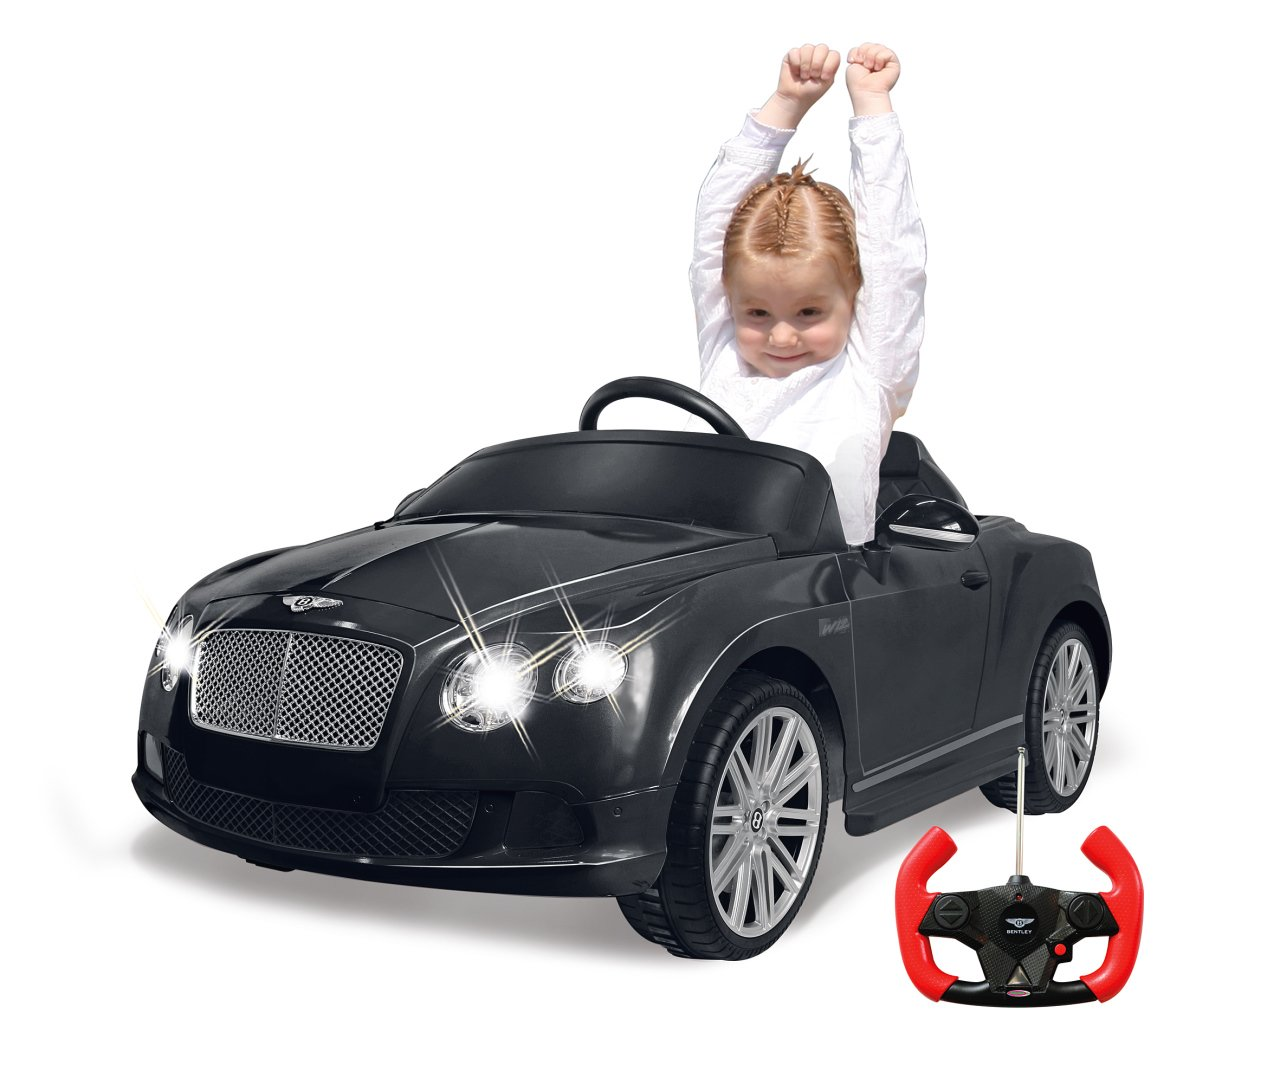 Jamara 405015 - Ride-on Ride-on Ride-on Bentley GTC schwarz 27Mhz 6V - Kinderauto, leistungsstarker Motor und Akku, bis zu 90 Min. Fahrzeit, Ultra-Gripp Gummiring am Antriebsrad, Bremse, Sound, Licht ein / aus 5d7289